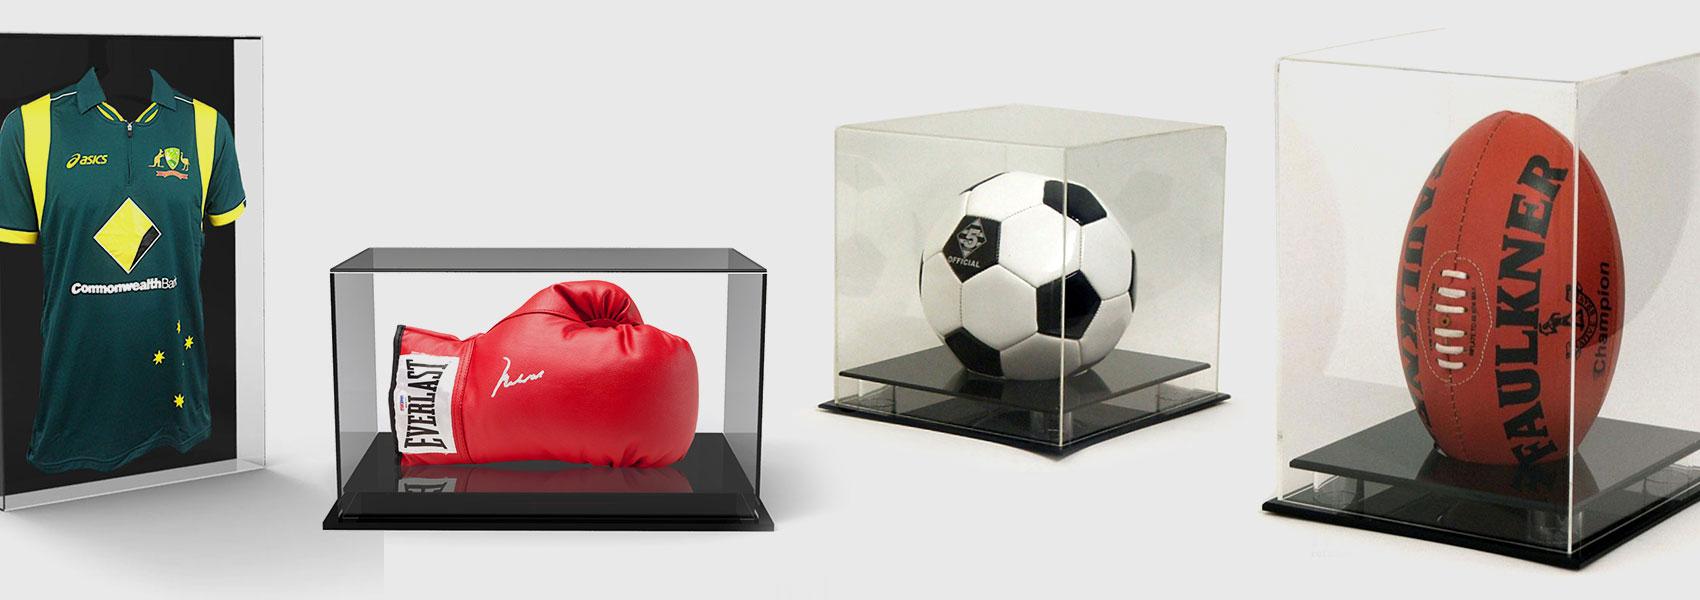 Memorabilia Sports Displays